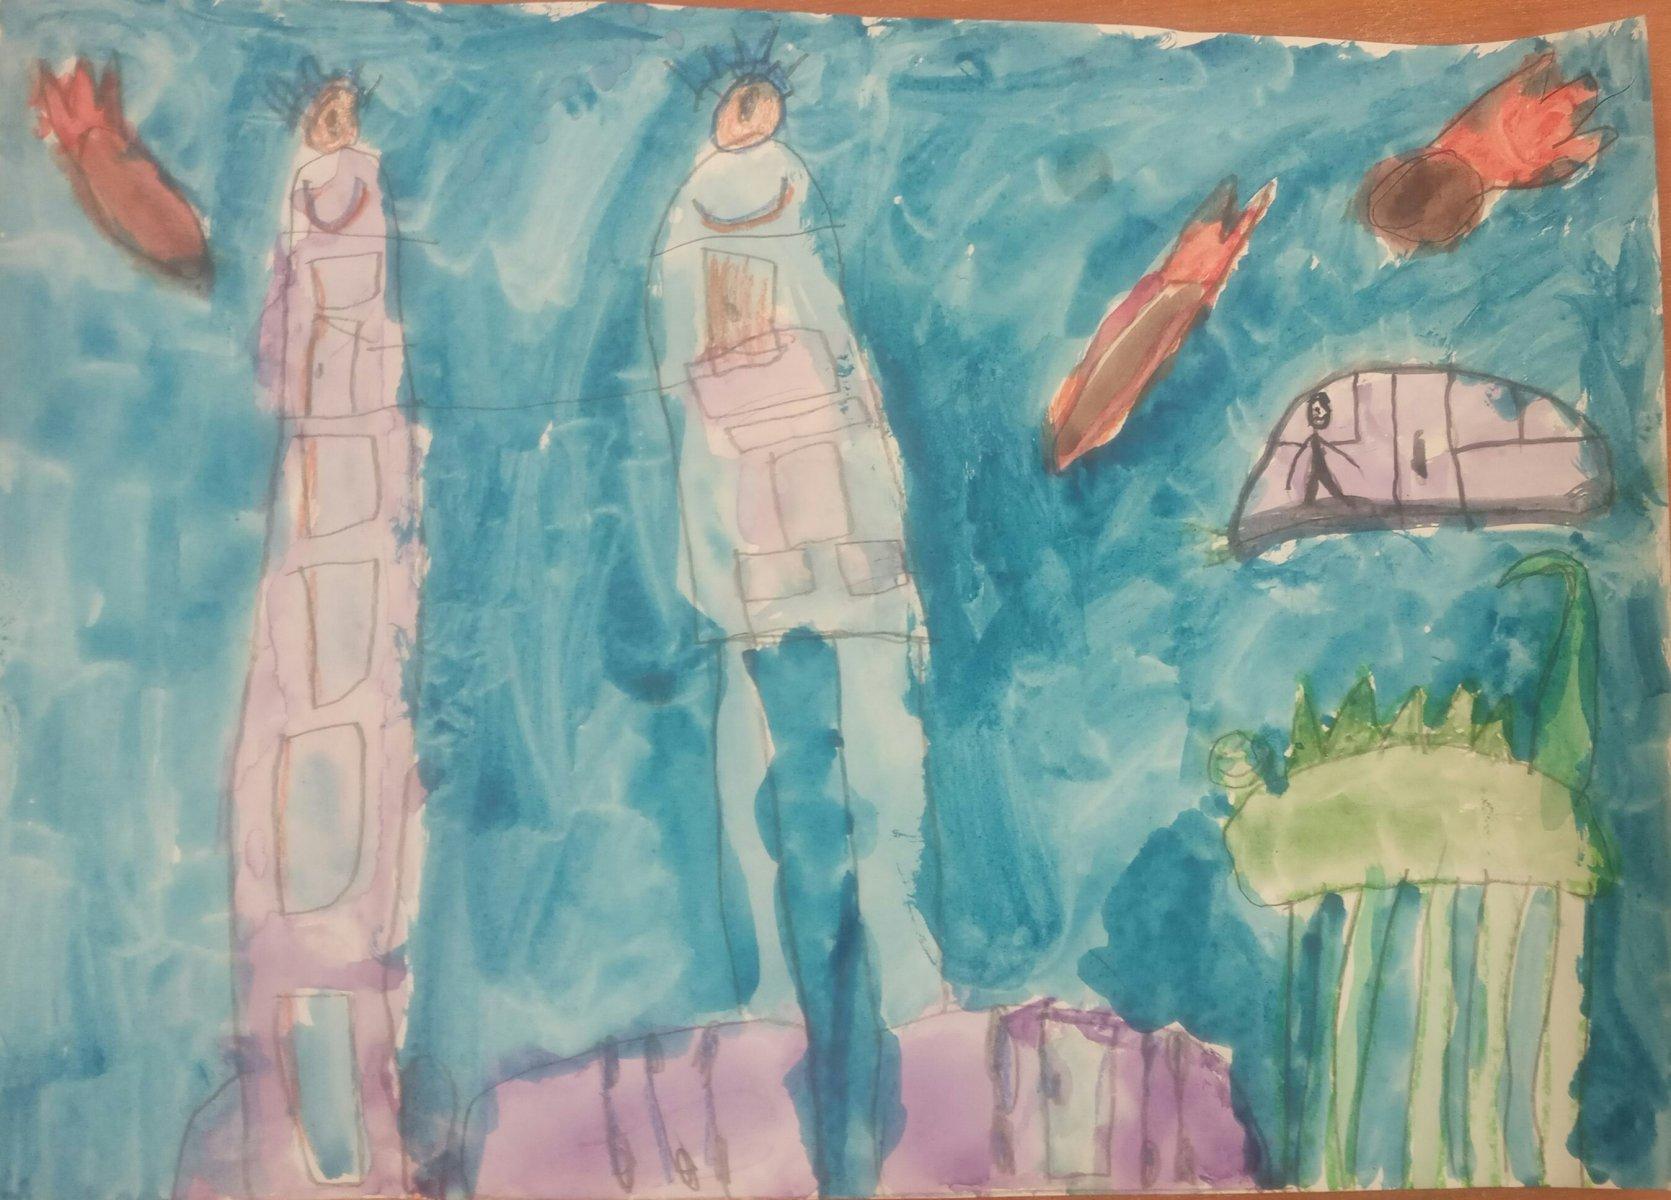 Баландюк Максим, 6 лет. Гуляющие дома будущего